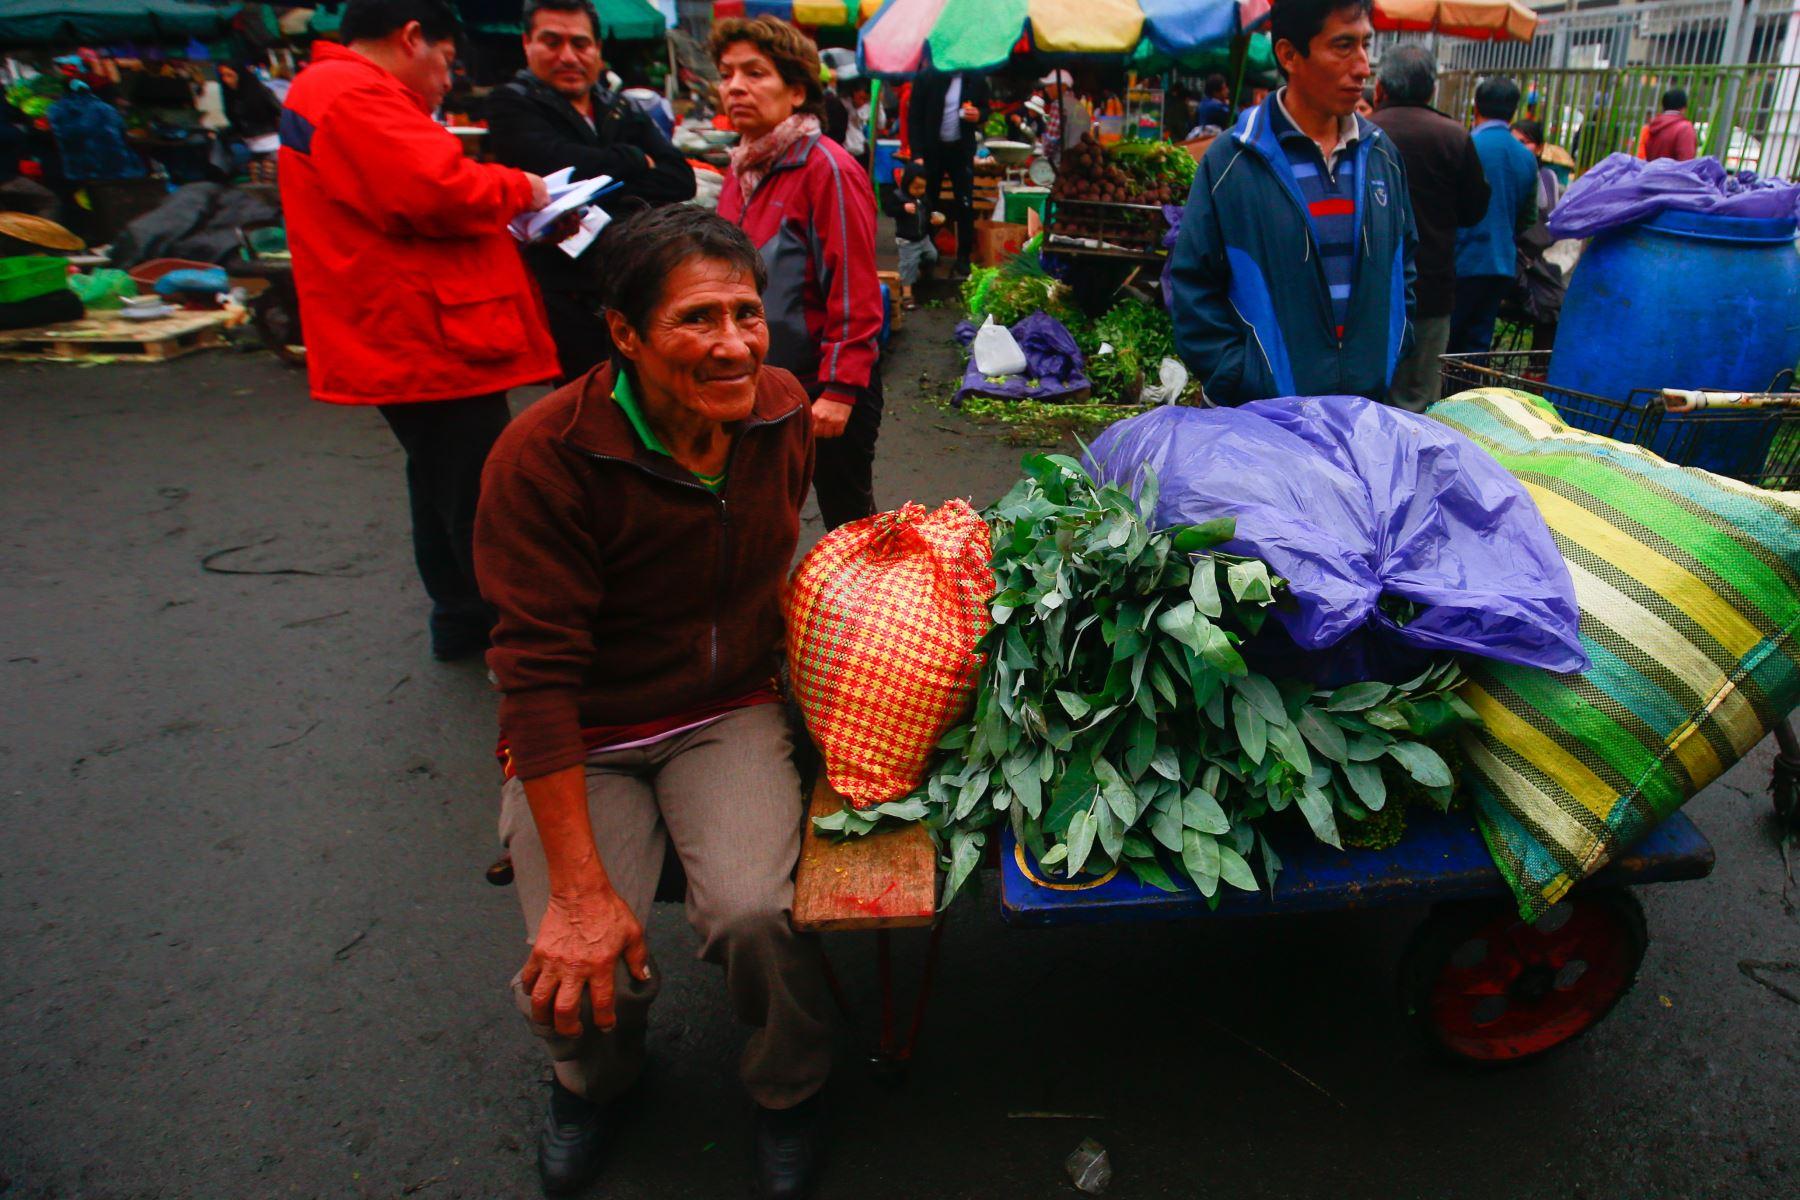 Comerciantes desalojados de la avenida Aviación buscan invadir calles aledañas, mientras que trabajadores de la municipalidad de La Victoria realizan trabajos de reordenamiento y limpieza de vías públicas. Foto: ANDINA/ Hector Vinces